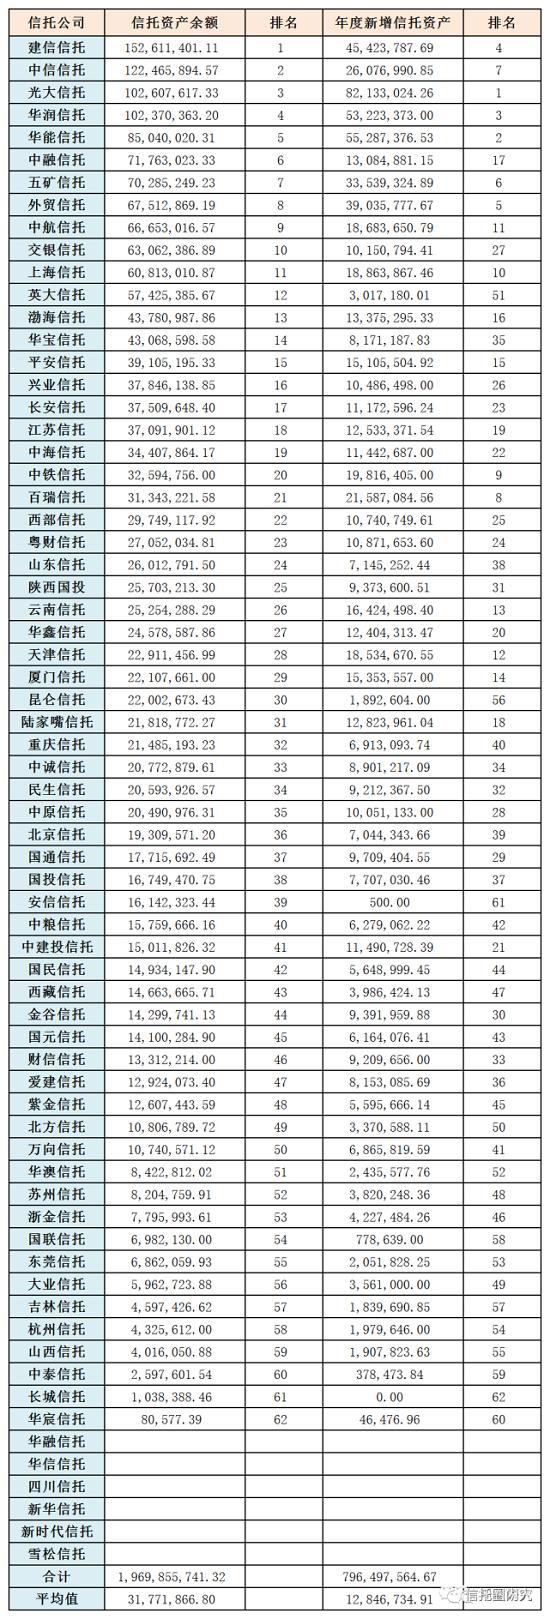 2020-2021年:信托公司综合实力、各单项指标排名